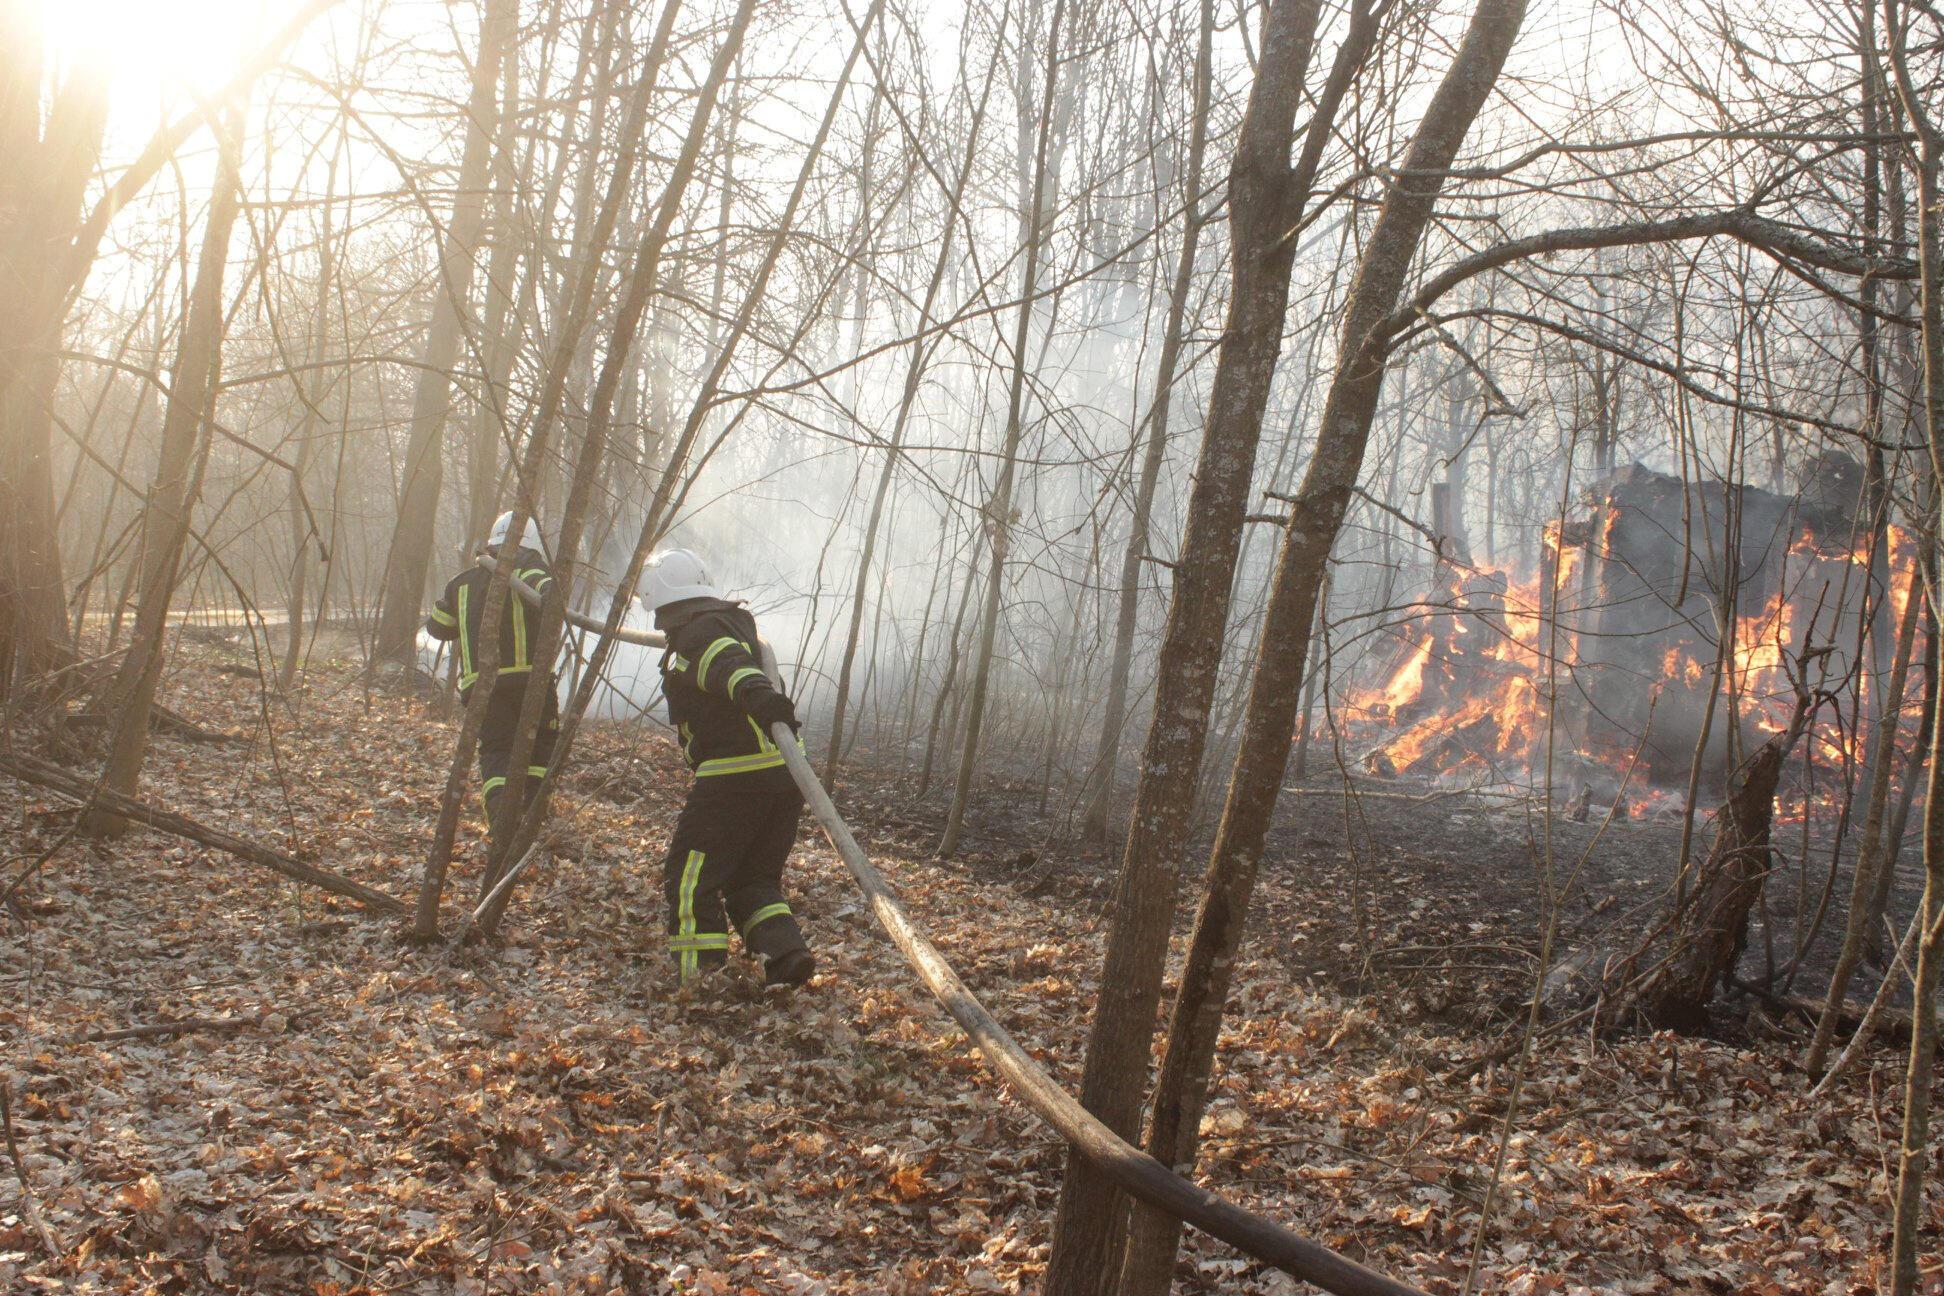 Тушение лесных пожаров в зоне отчуждения ЧАЭС, 10 апреля 2020 г.